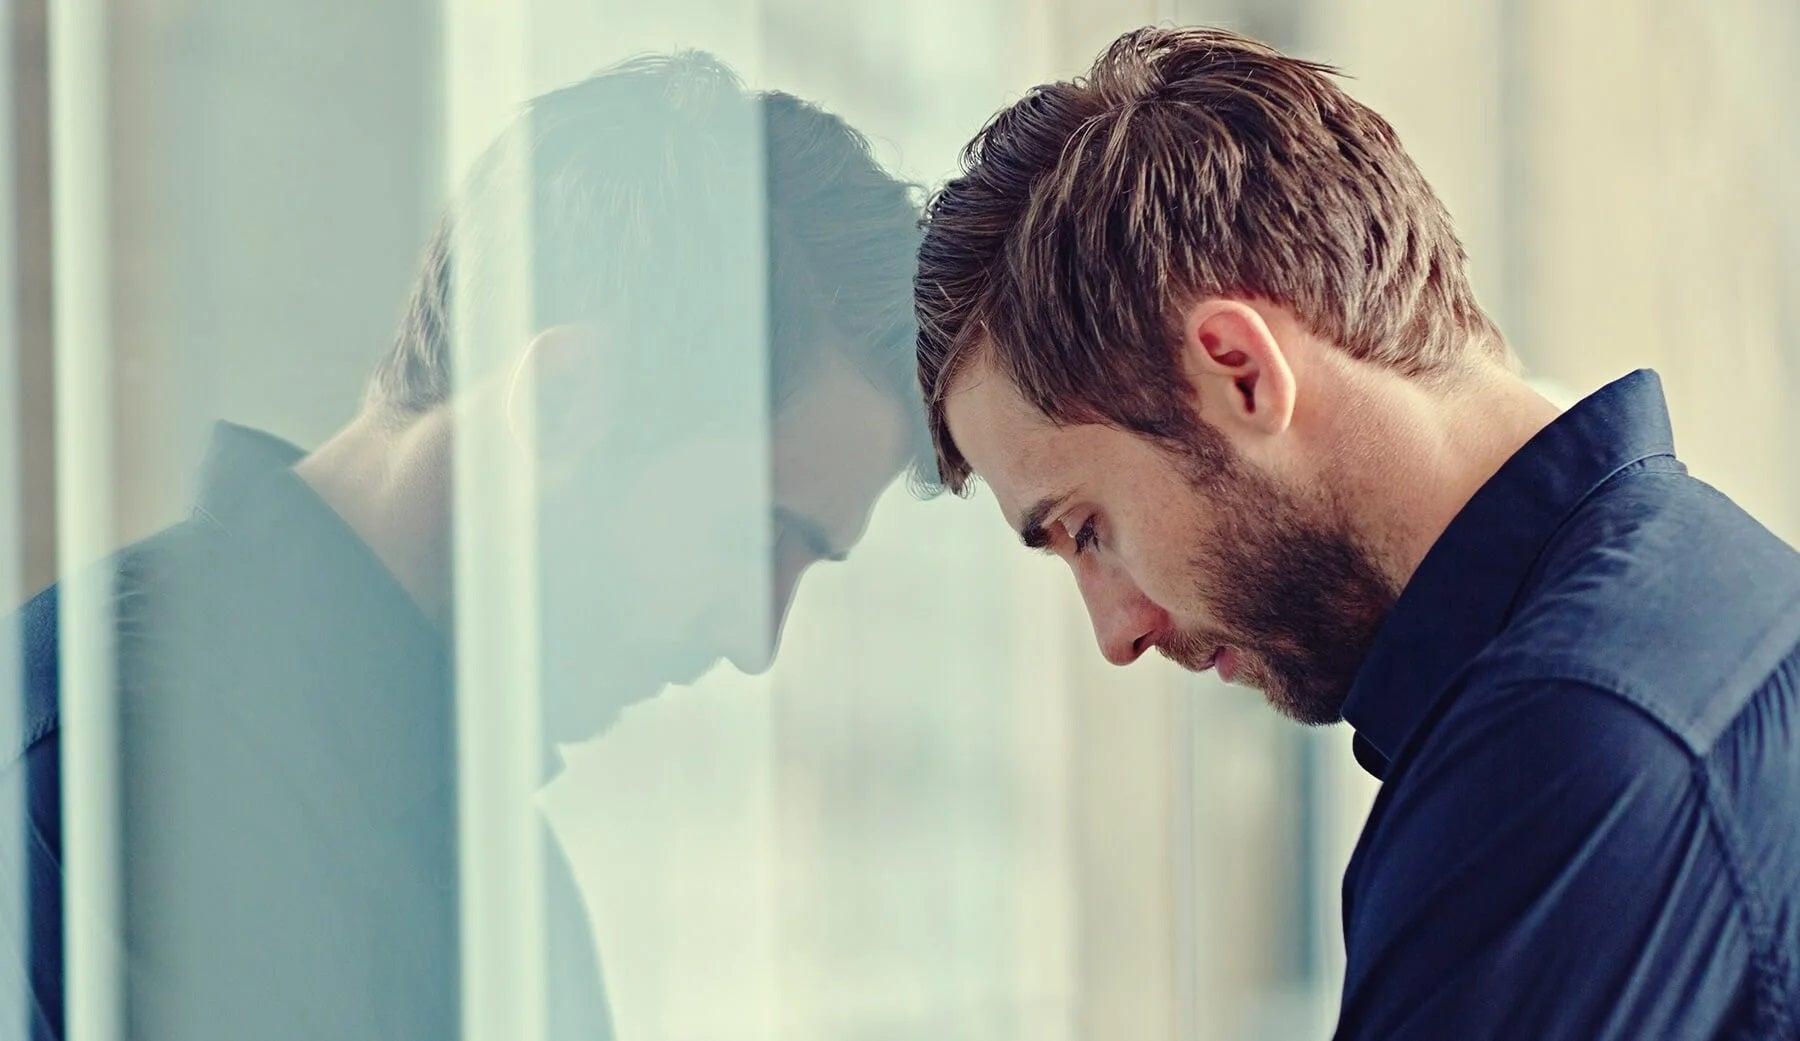 Gibt es einen Zusammenhang zwischen Angststörungen und Intelligenz?